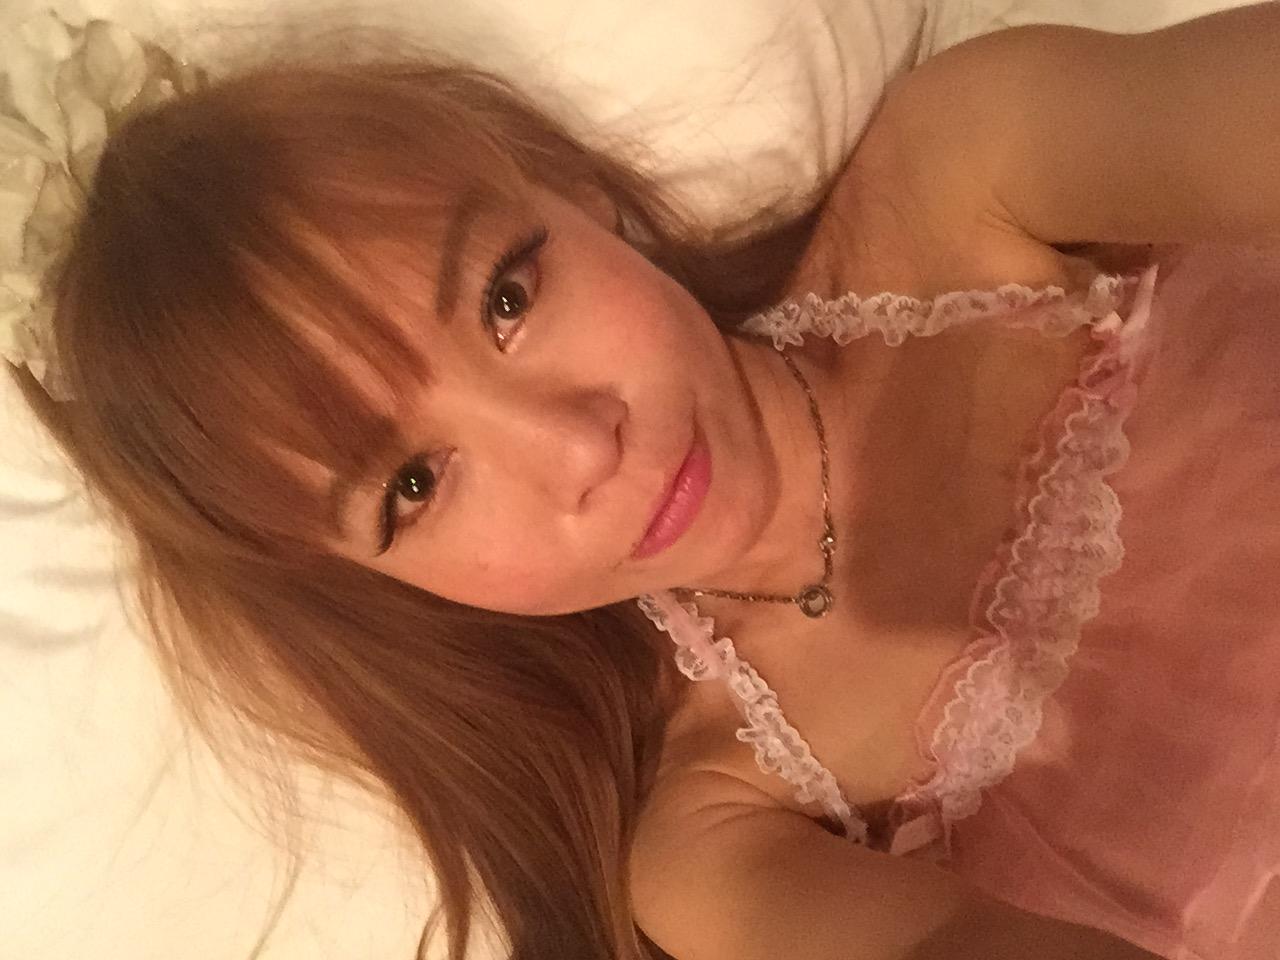 「ラスト1日(≧∇≦)」01/31(火) 00:37 | まりもの写メ・風俗動画